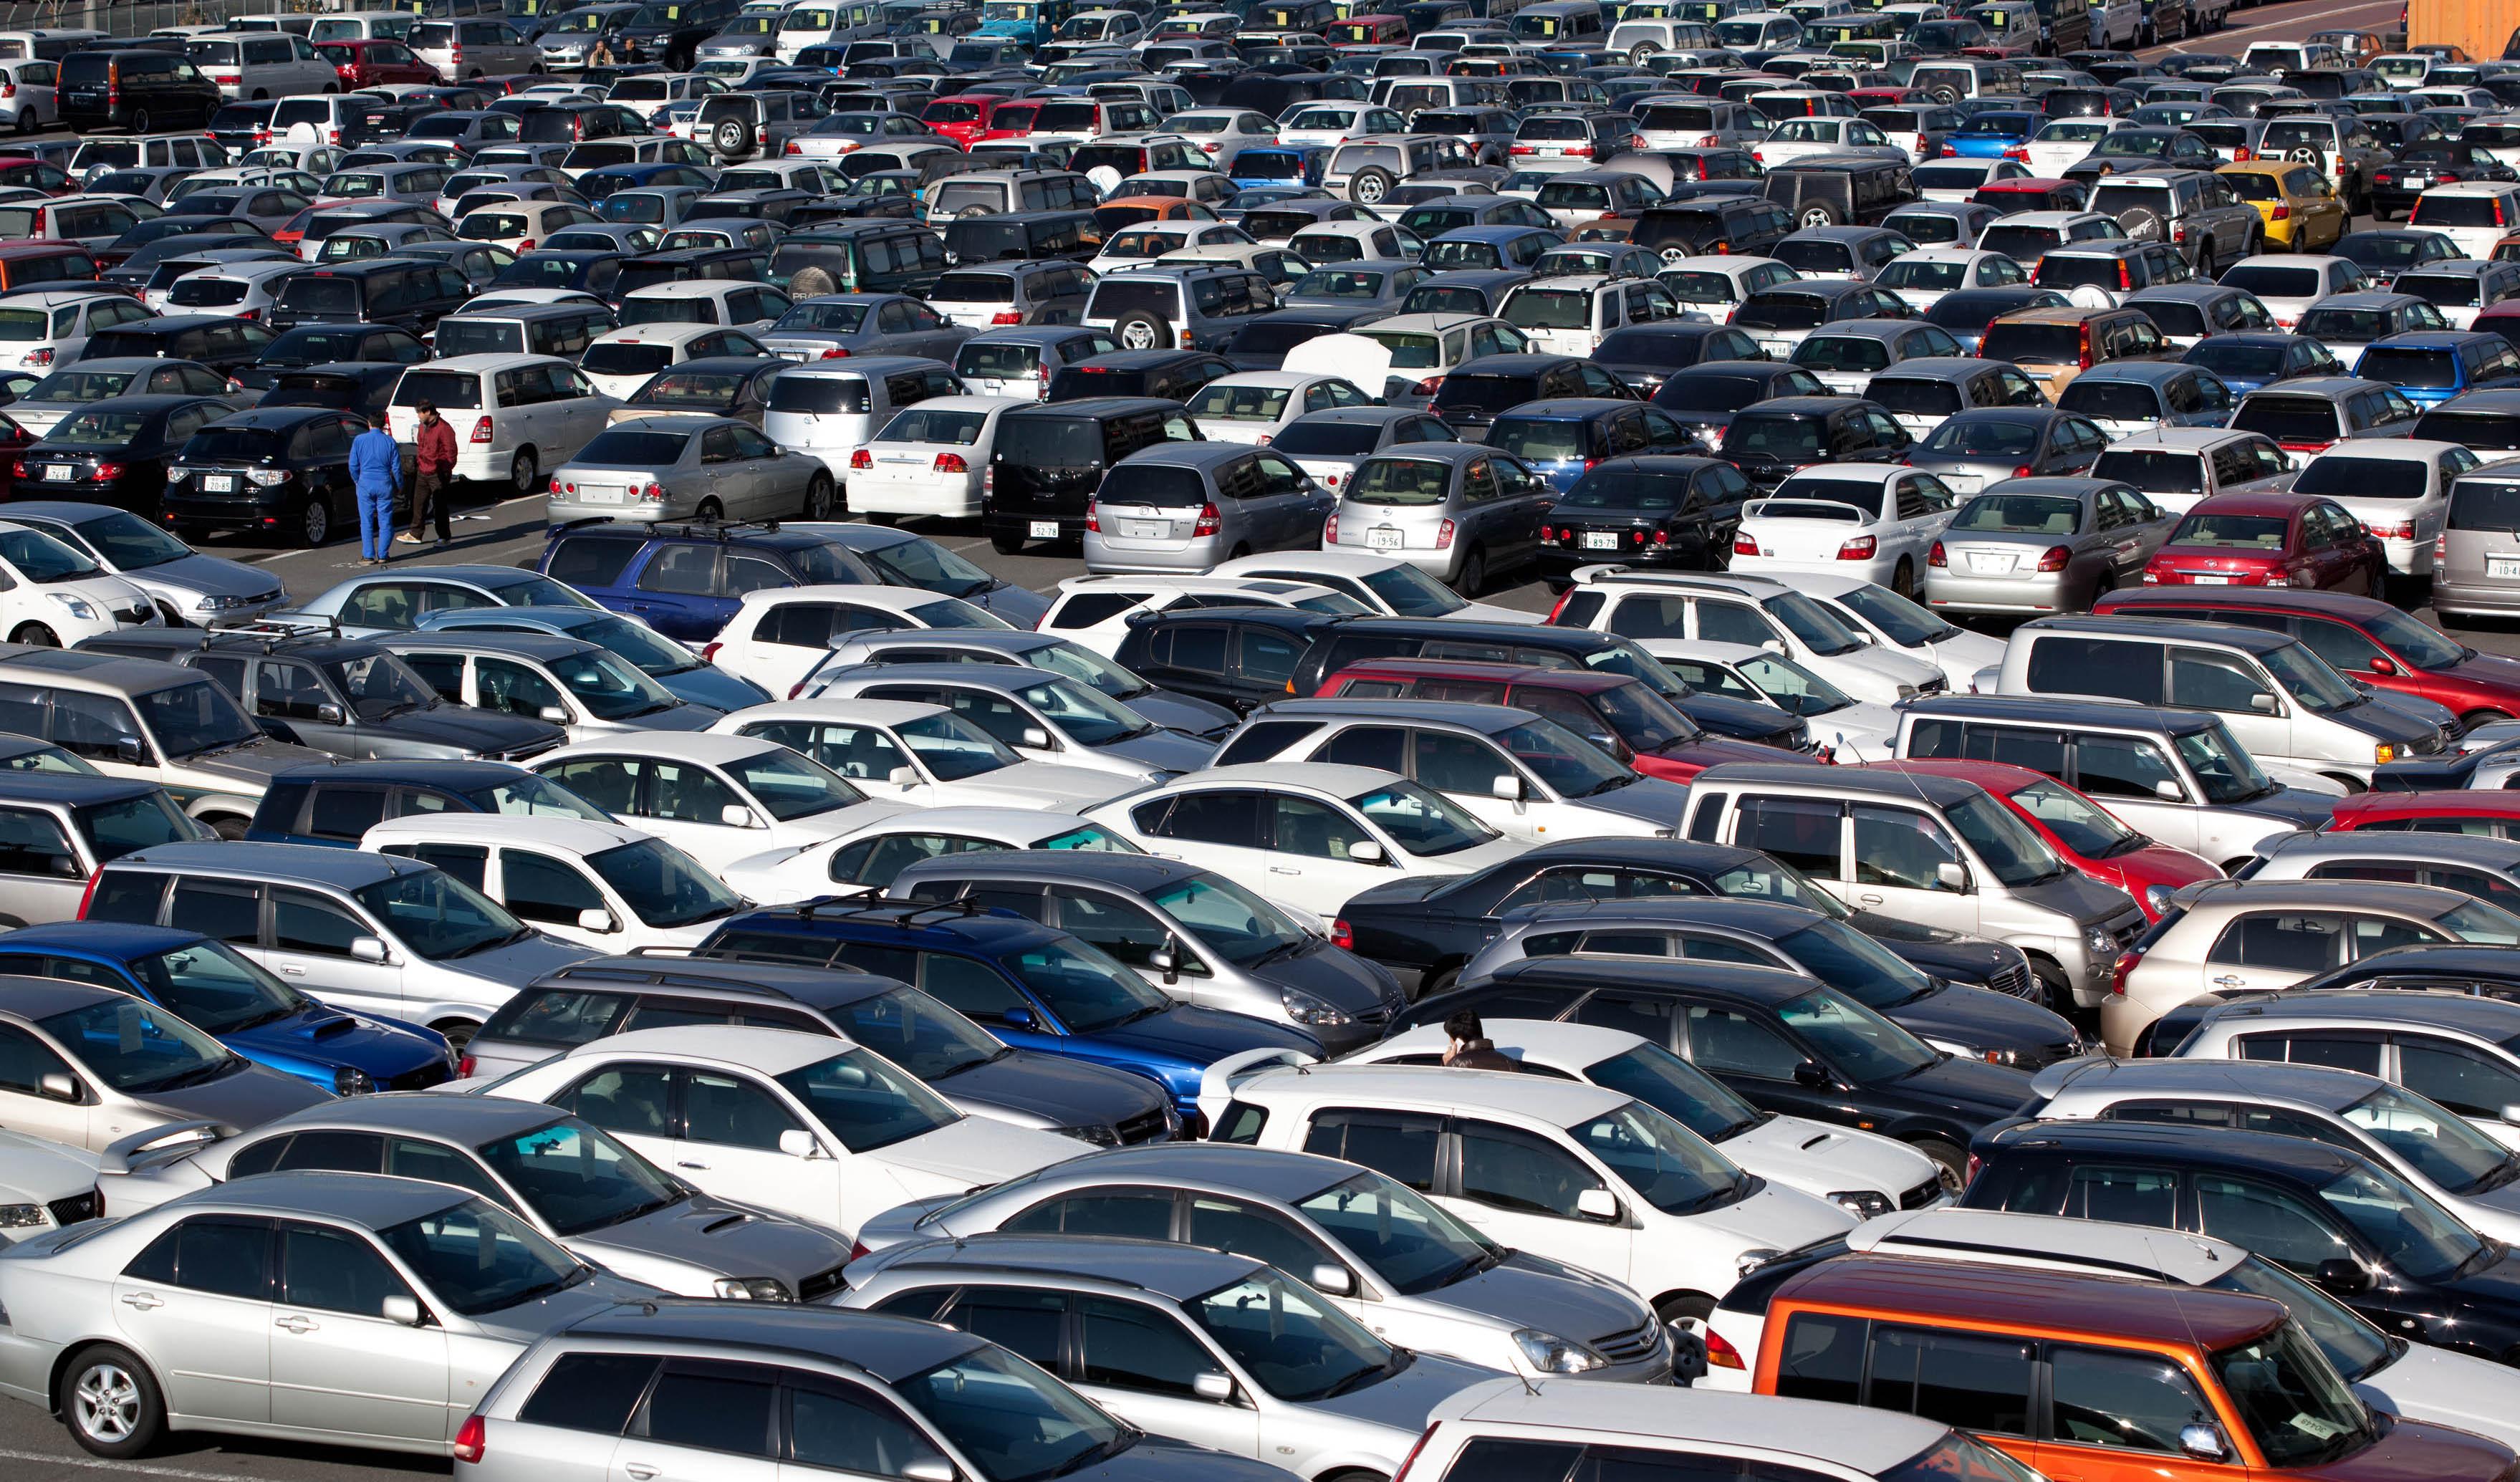 احتمال تعویق قیمتگذاری خودرو تا بعد از انتخابات/ مجلس فعلا موافق افزایش قیمت نیست